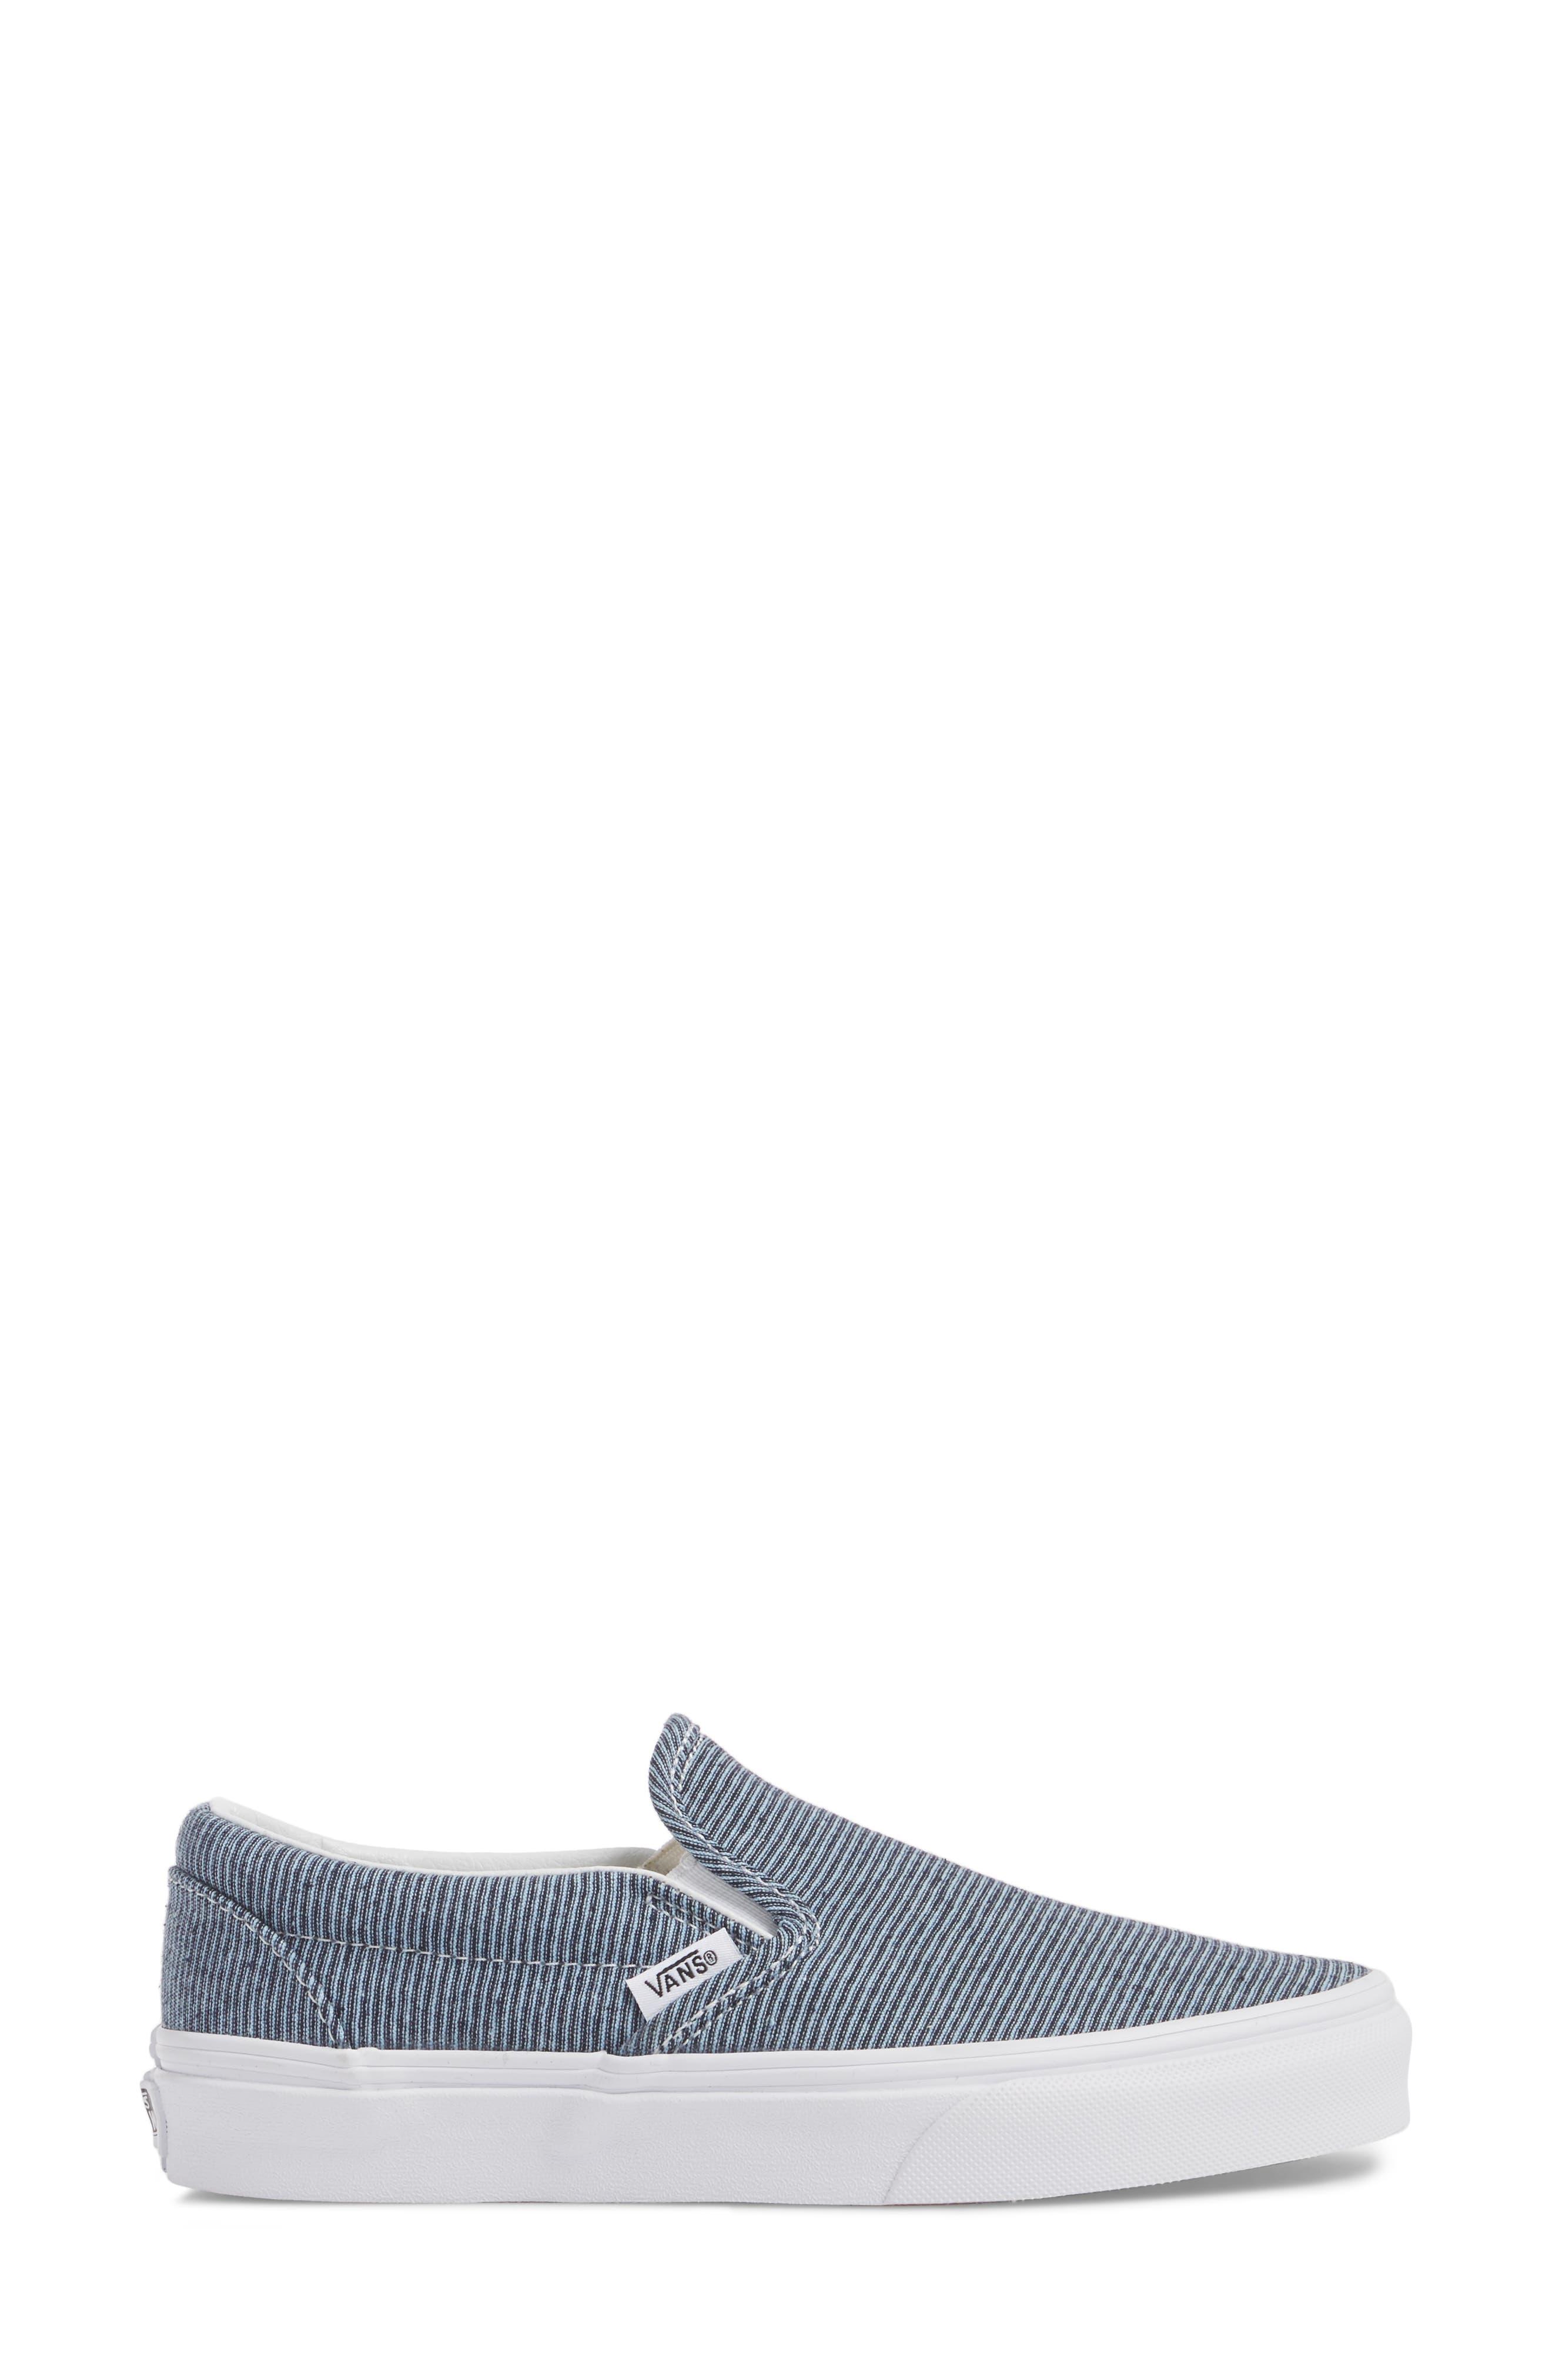 ,                             Classic Slip-On Sneaker,                             Alternate thumbnail 155, color,                             422